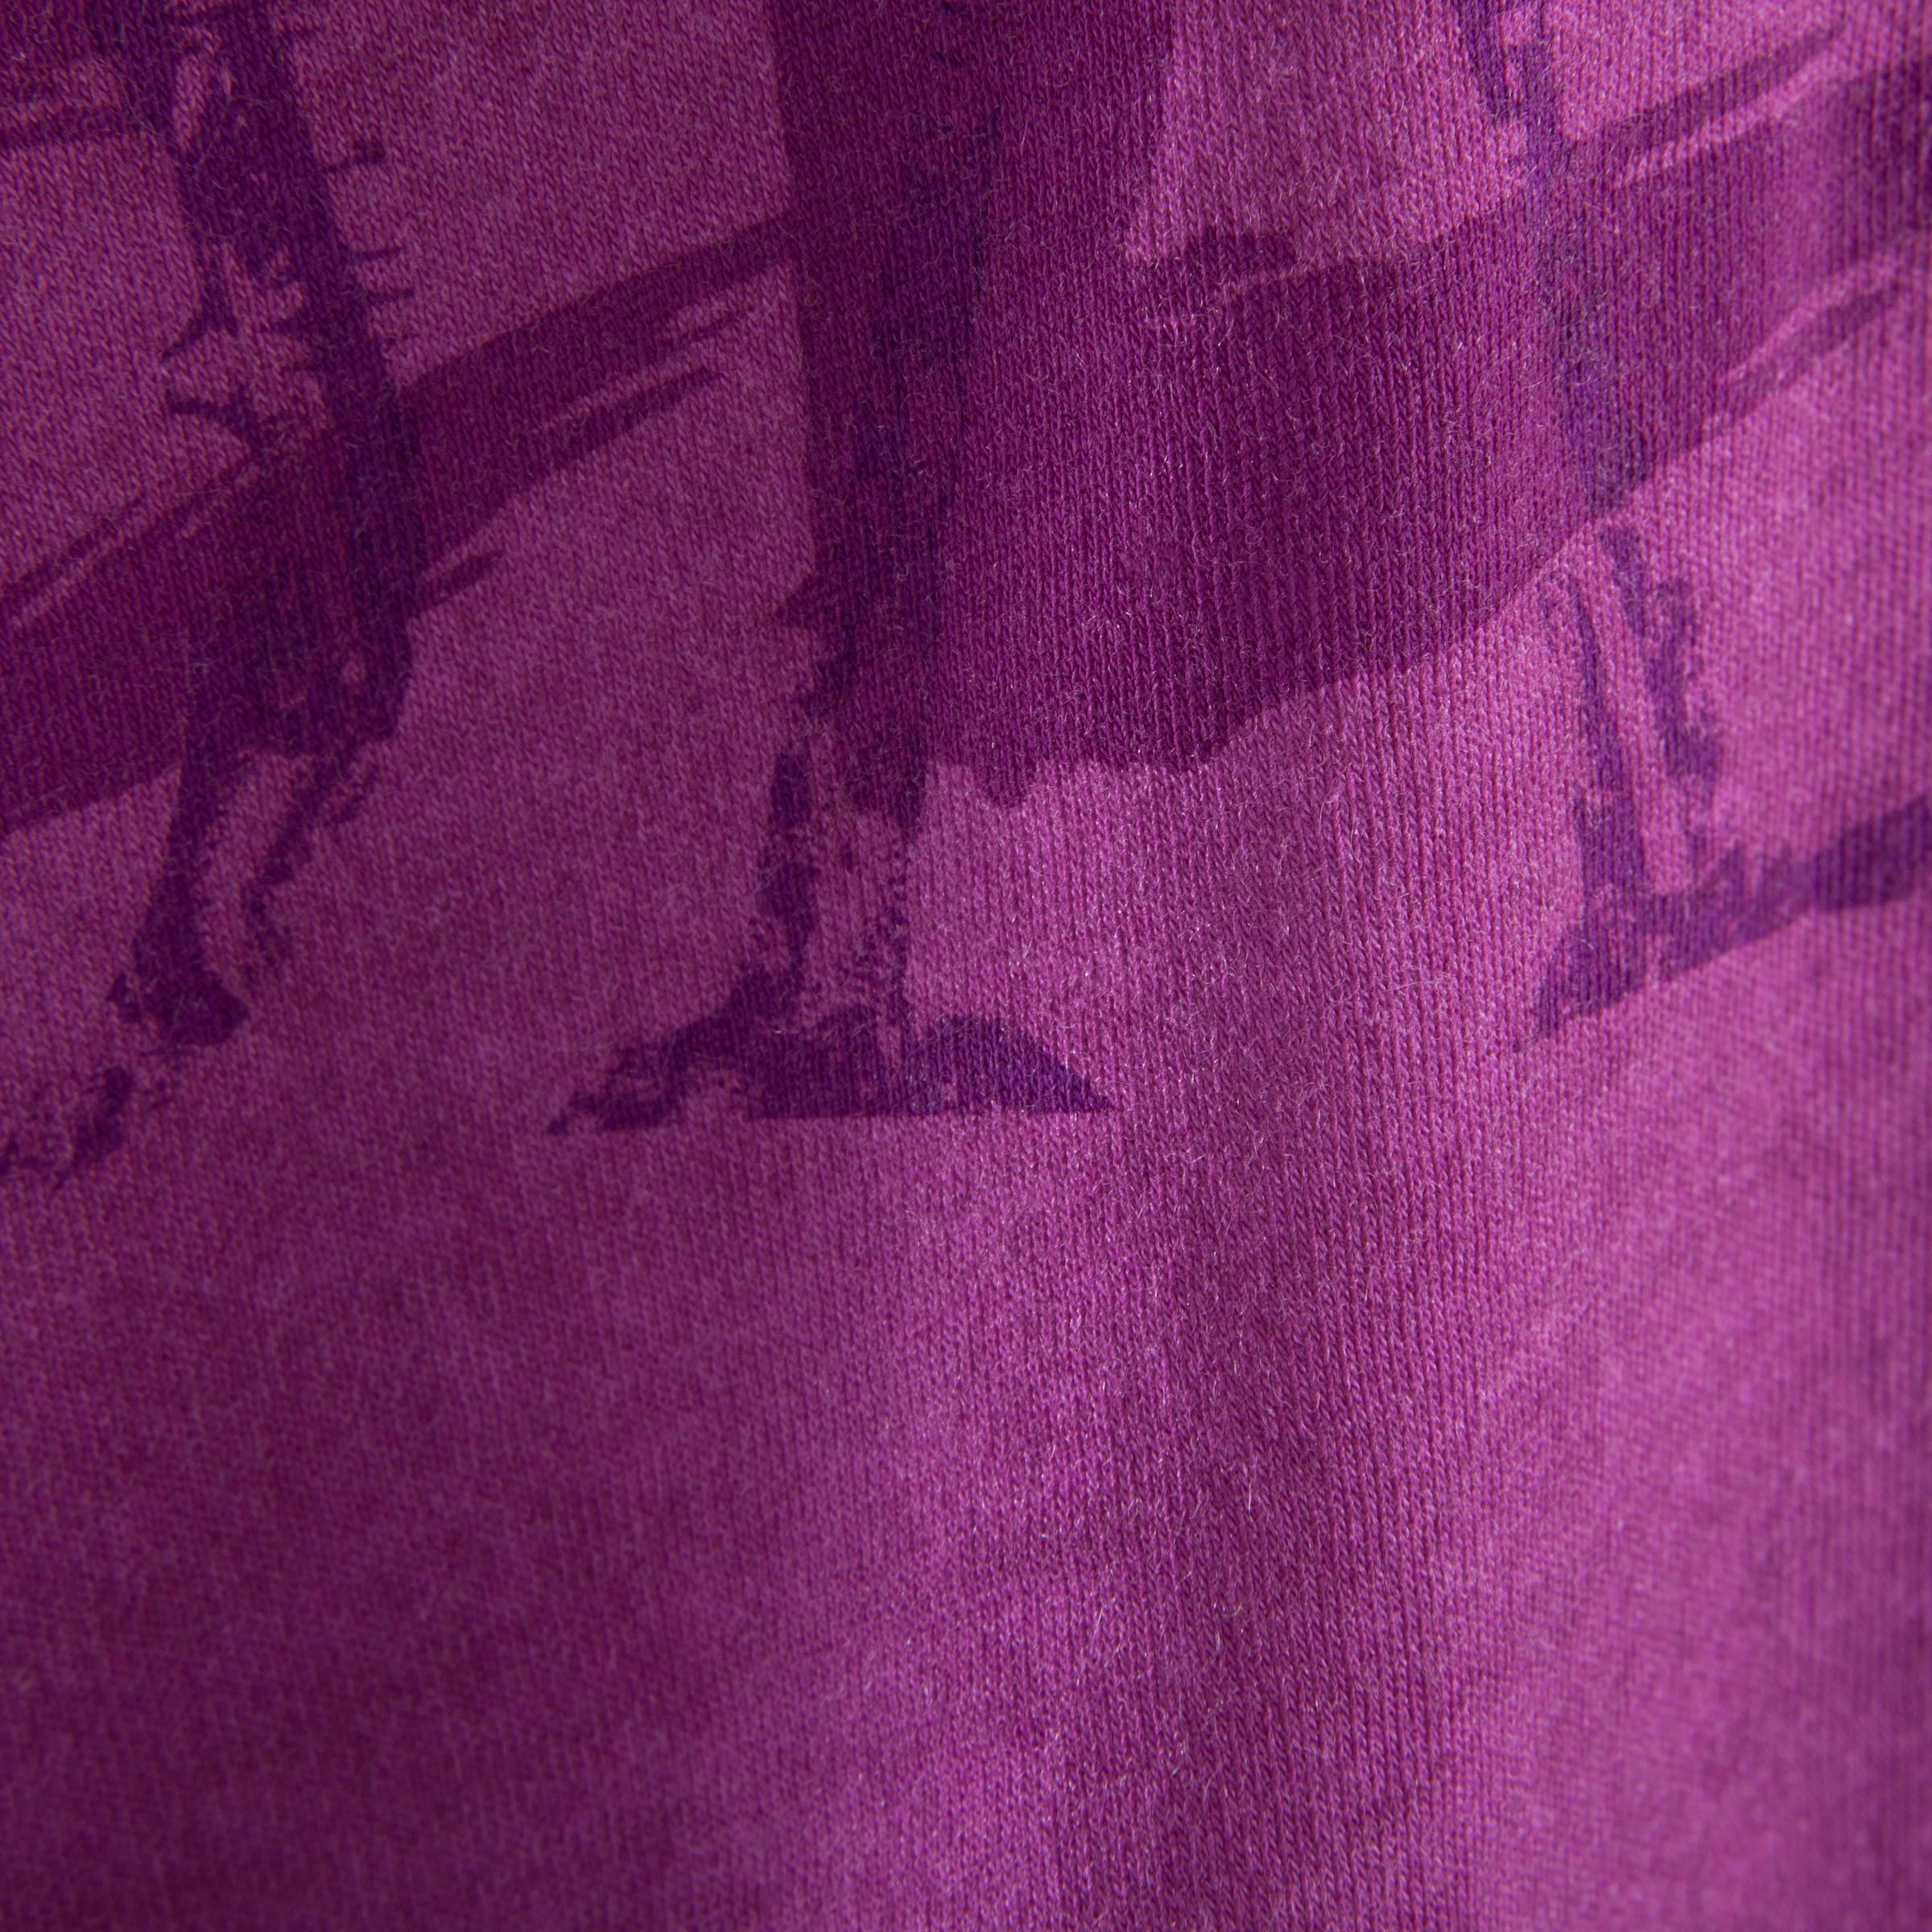 Girls' Short Dance T-Shirt - Plum